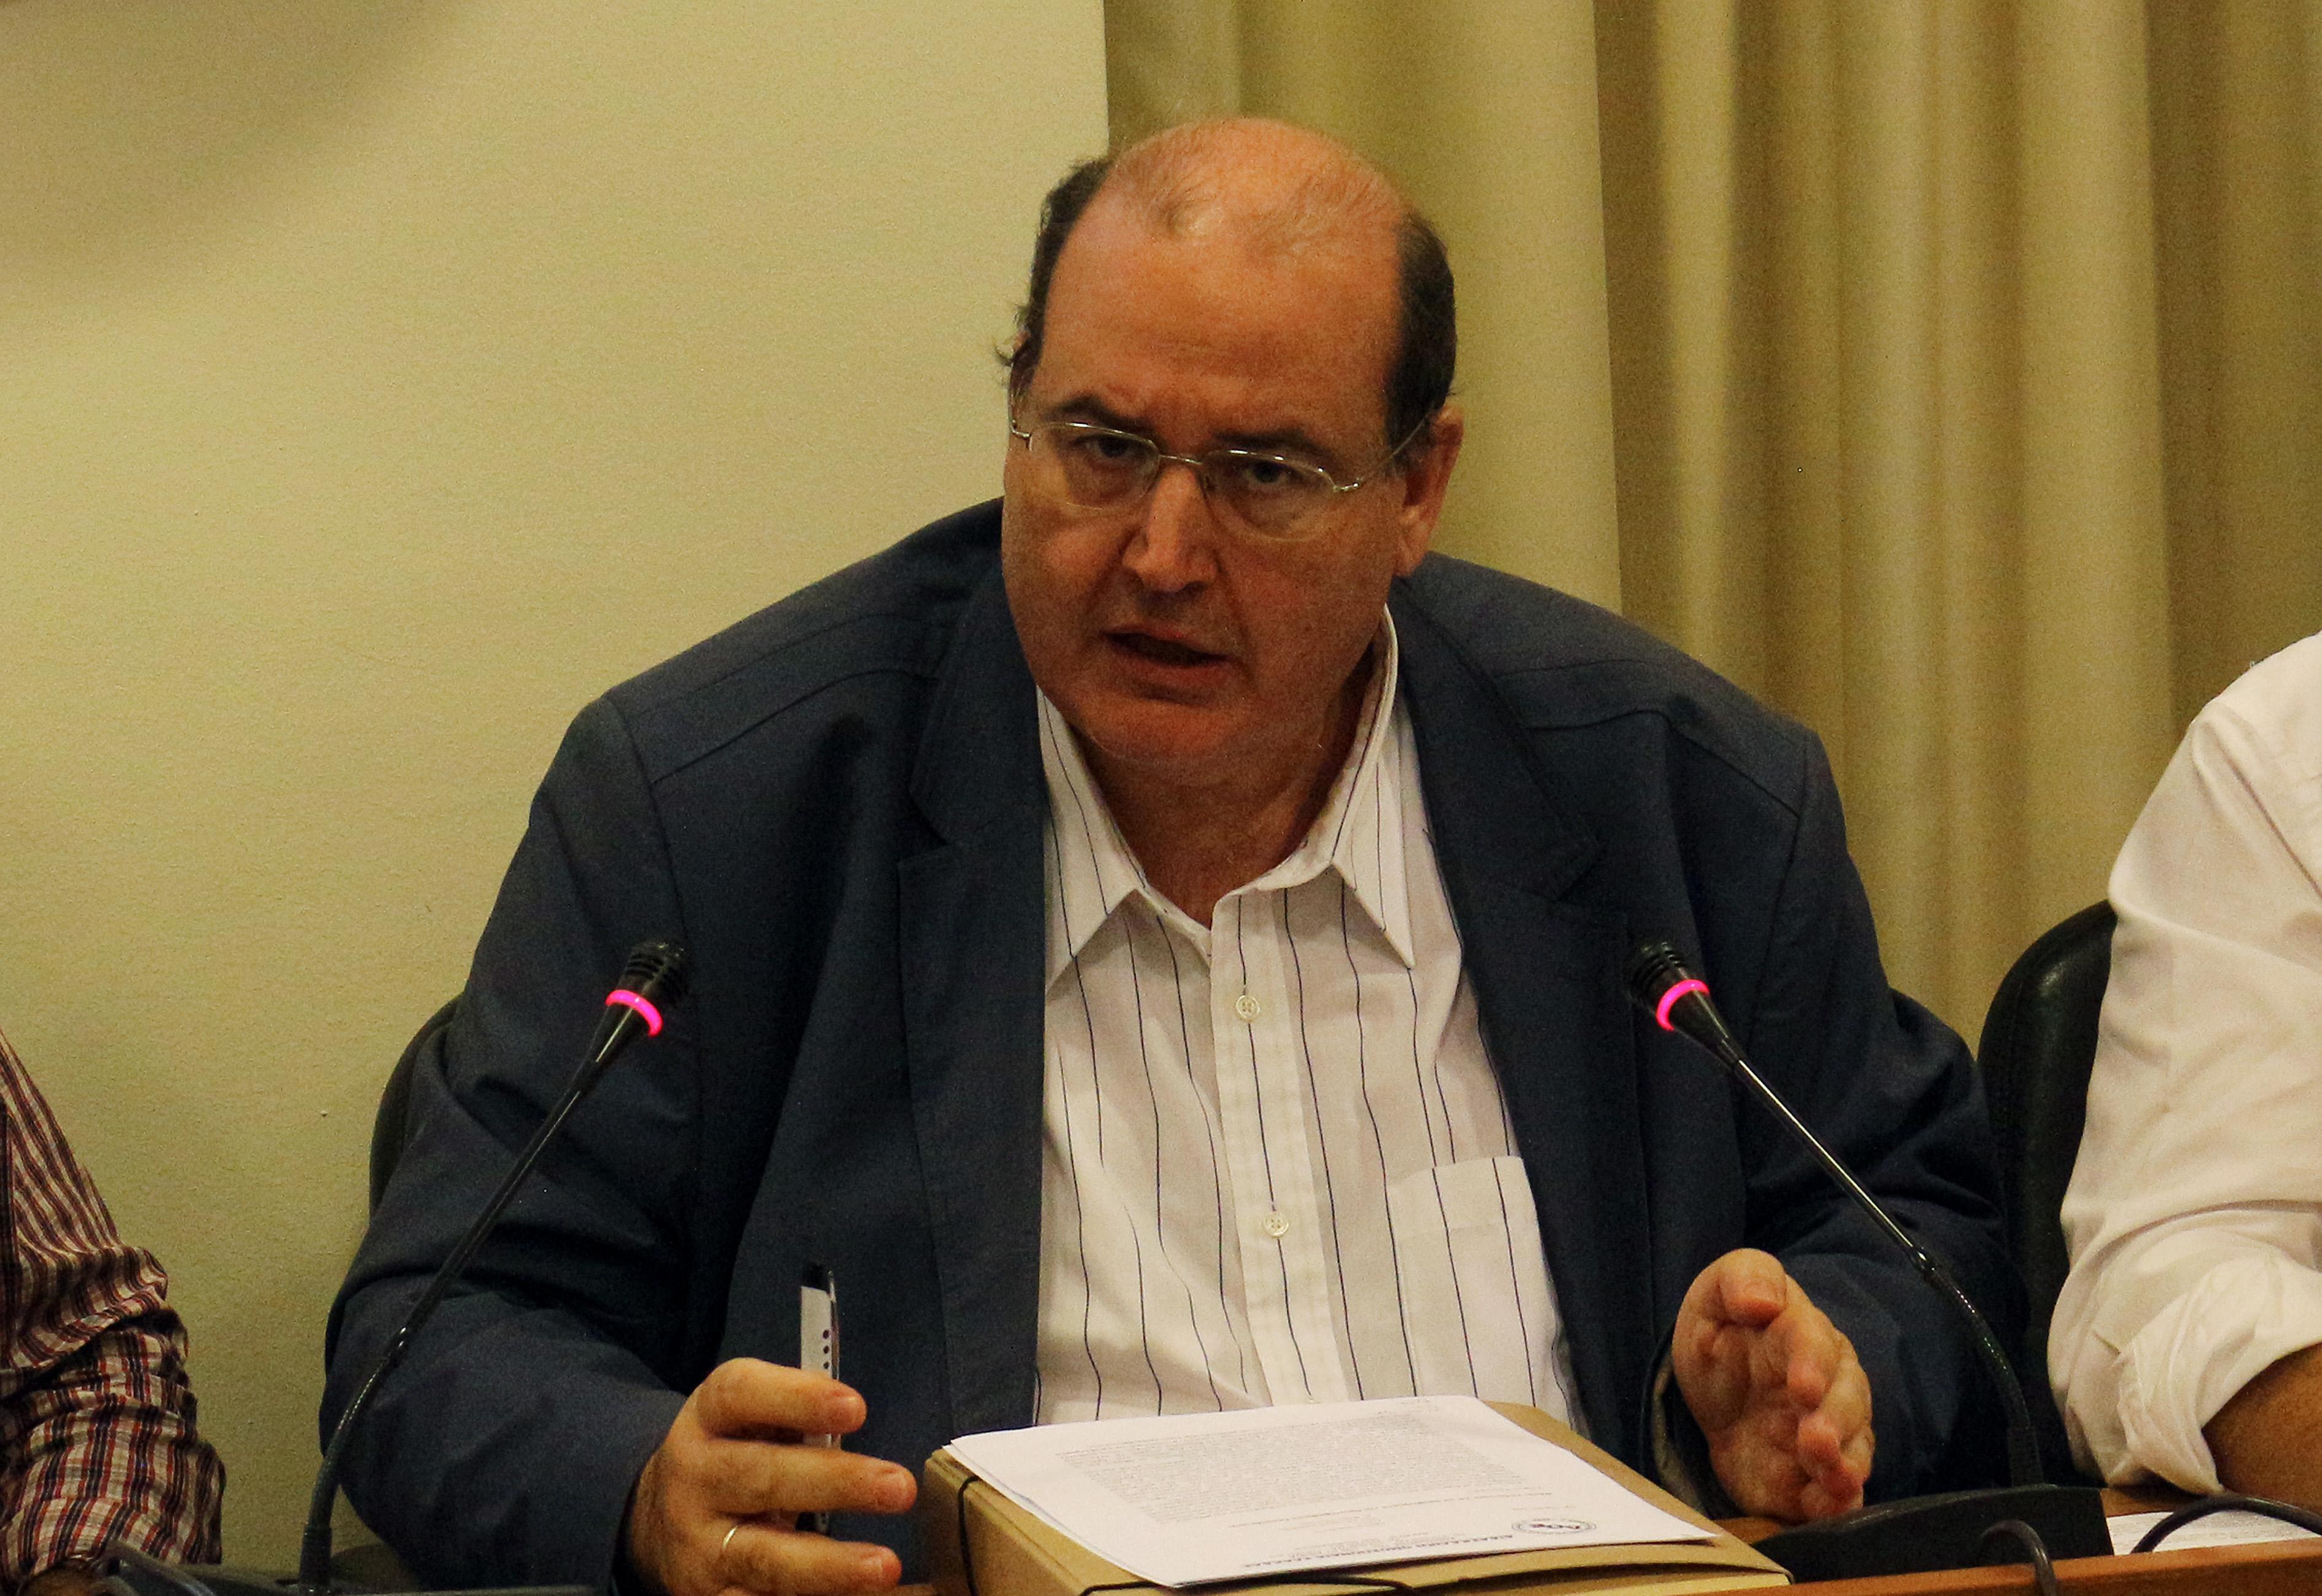 Το θέμα είναι η αναβάθμιση του δημόσιου σχολείου, λέει ο Νίκος Φίλης   tovima.gr